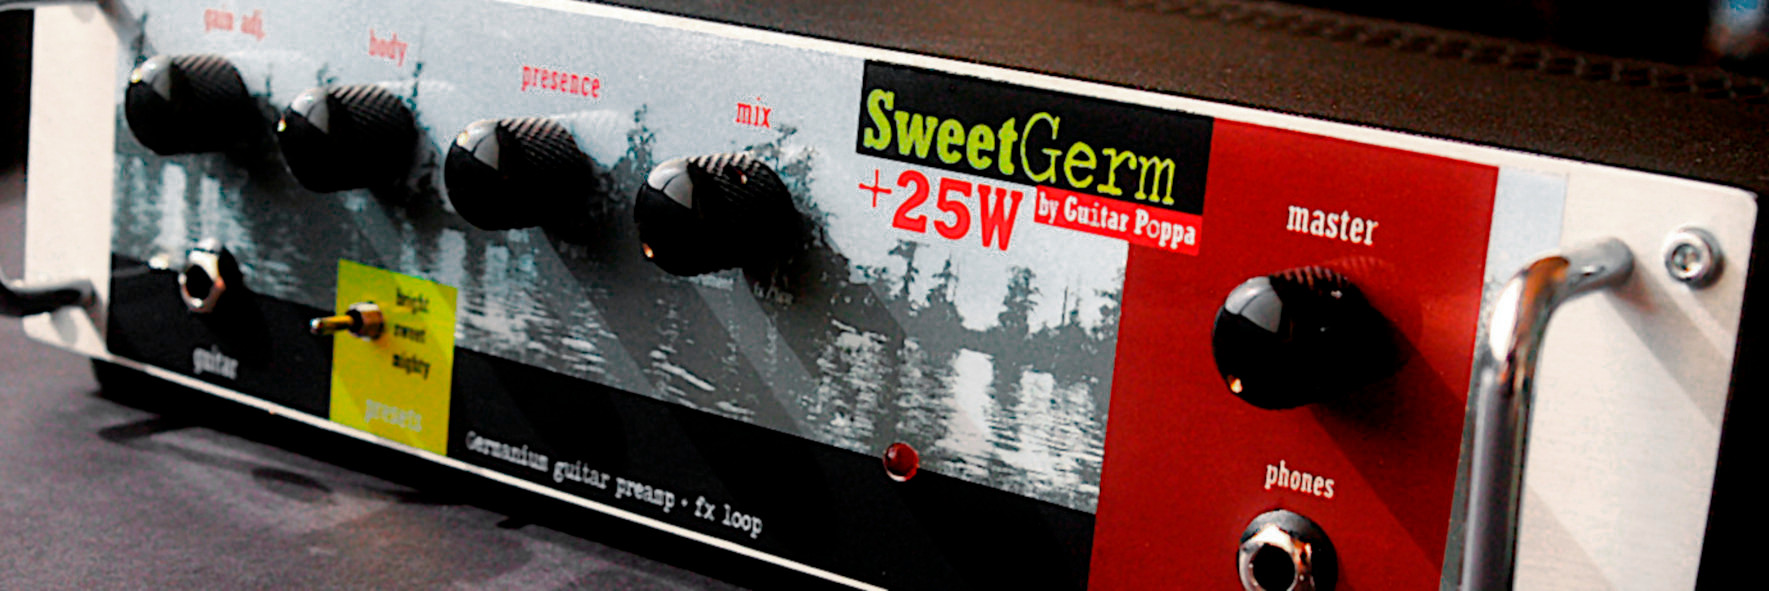 25W Silicium / Germanium hybrid amp head